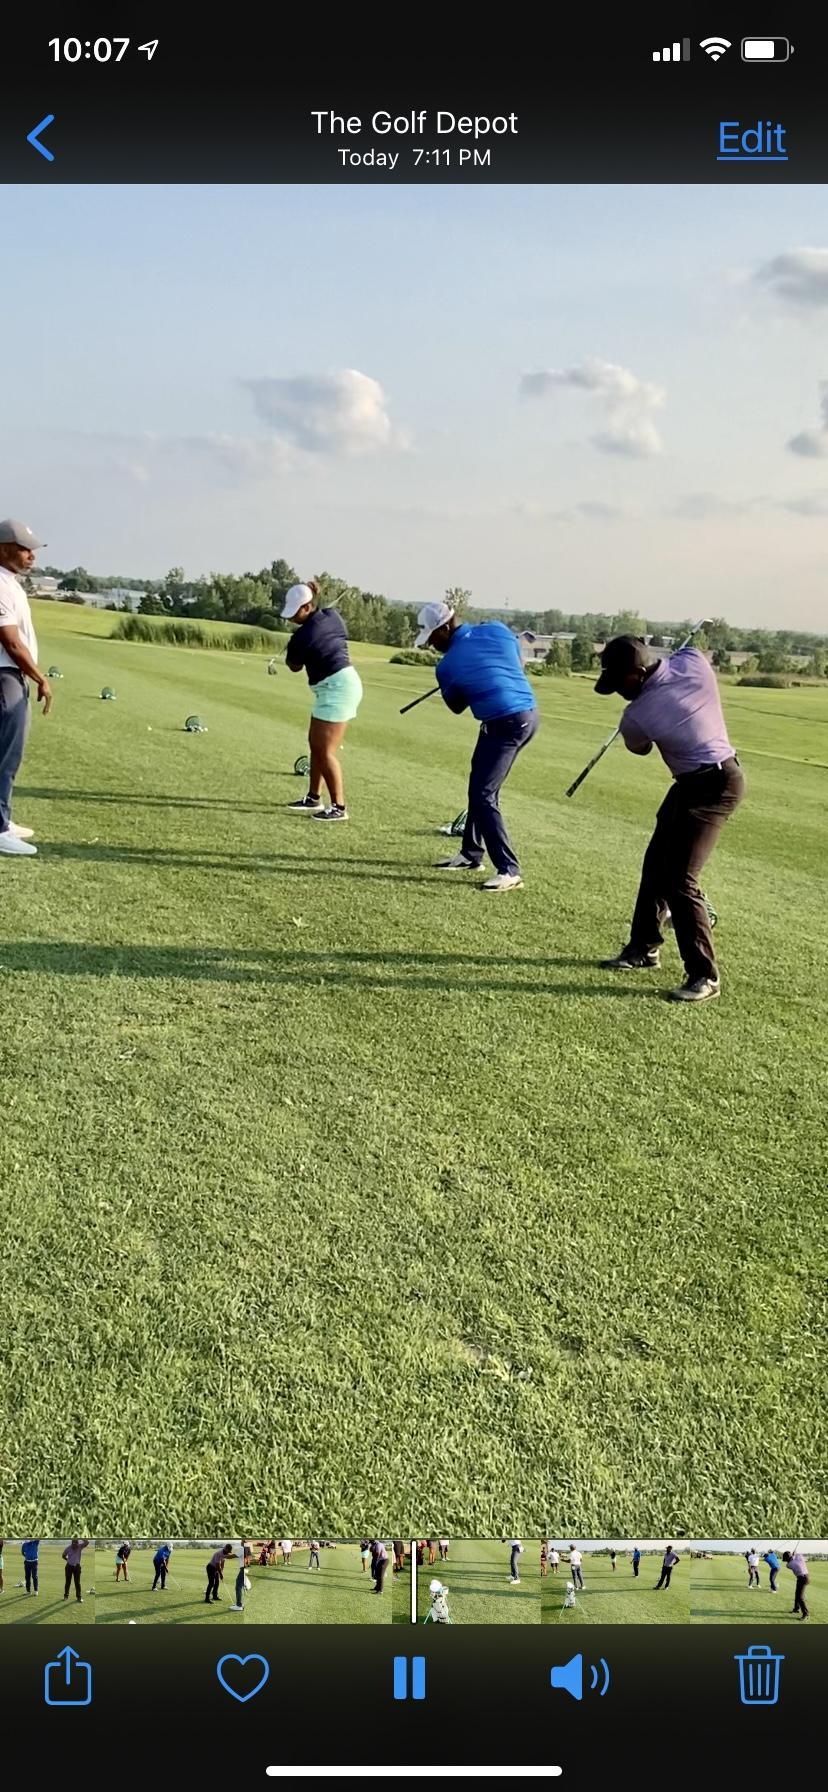 19th Hole Golf Clinic